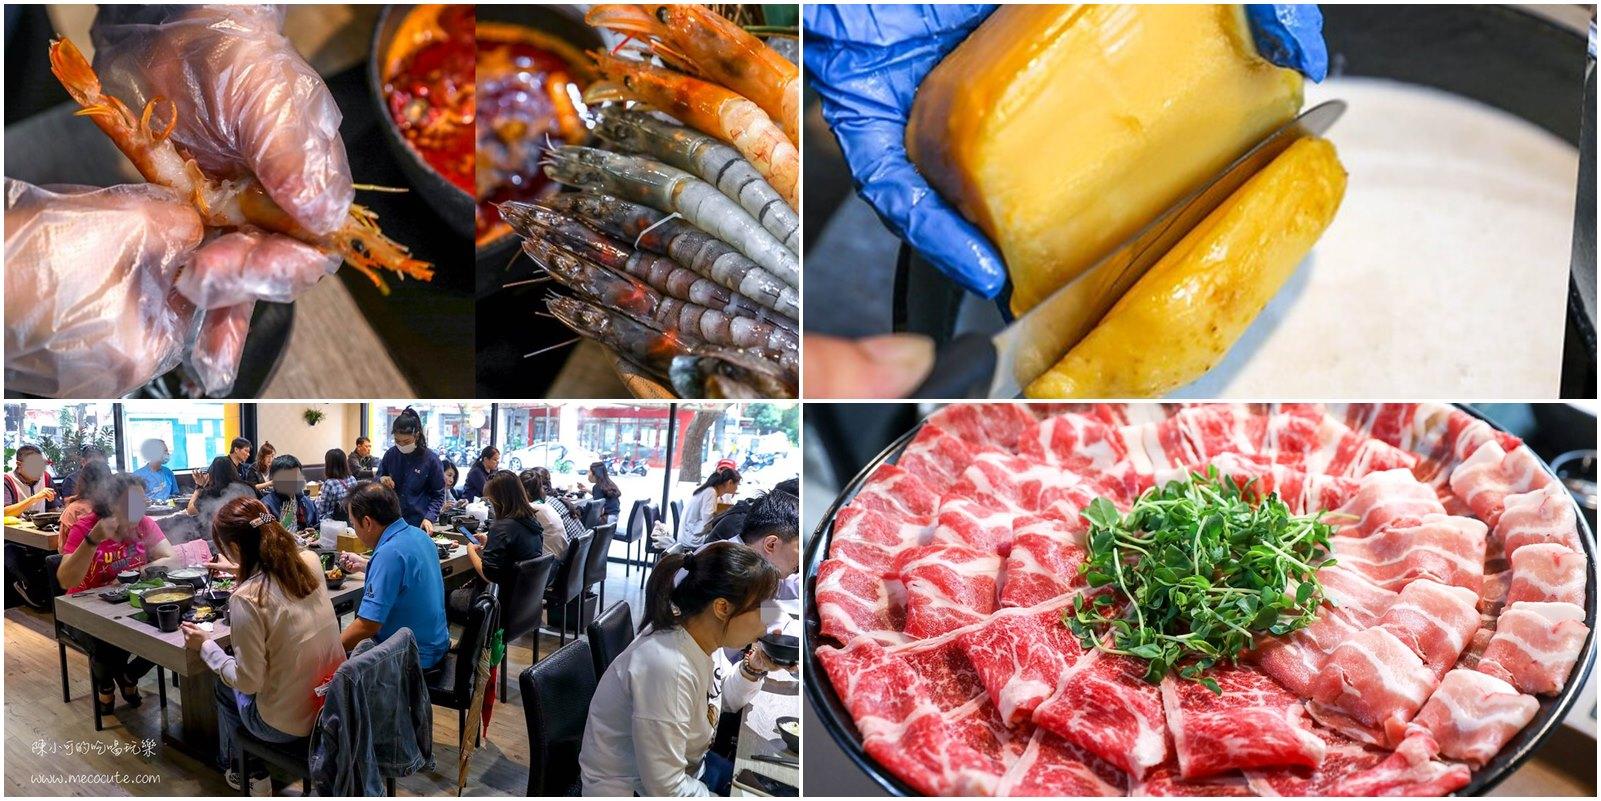 平日中午大客滿,在地超強火鍋店!大推薦起司牛奶鍋,現場加乳酪毫不手軟,竟然還有桌邊剝蝦服務!